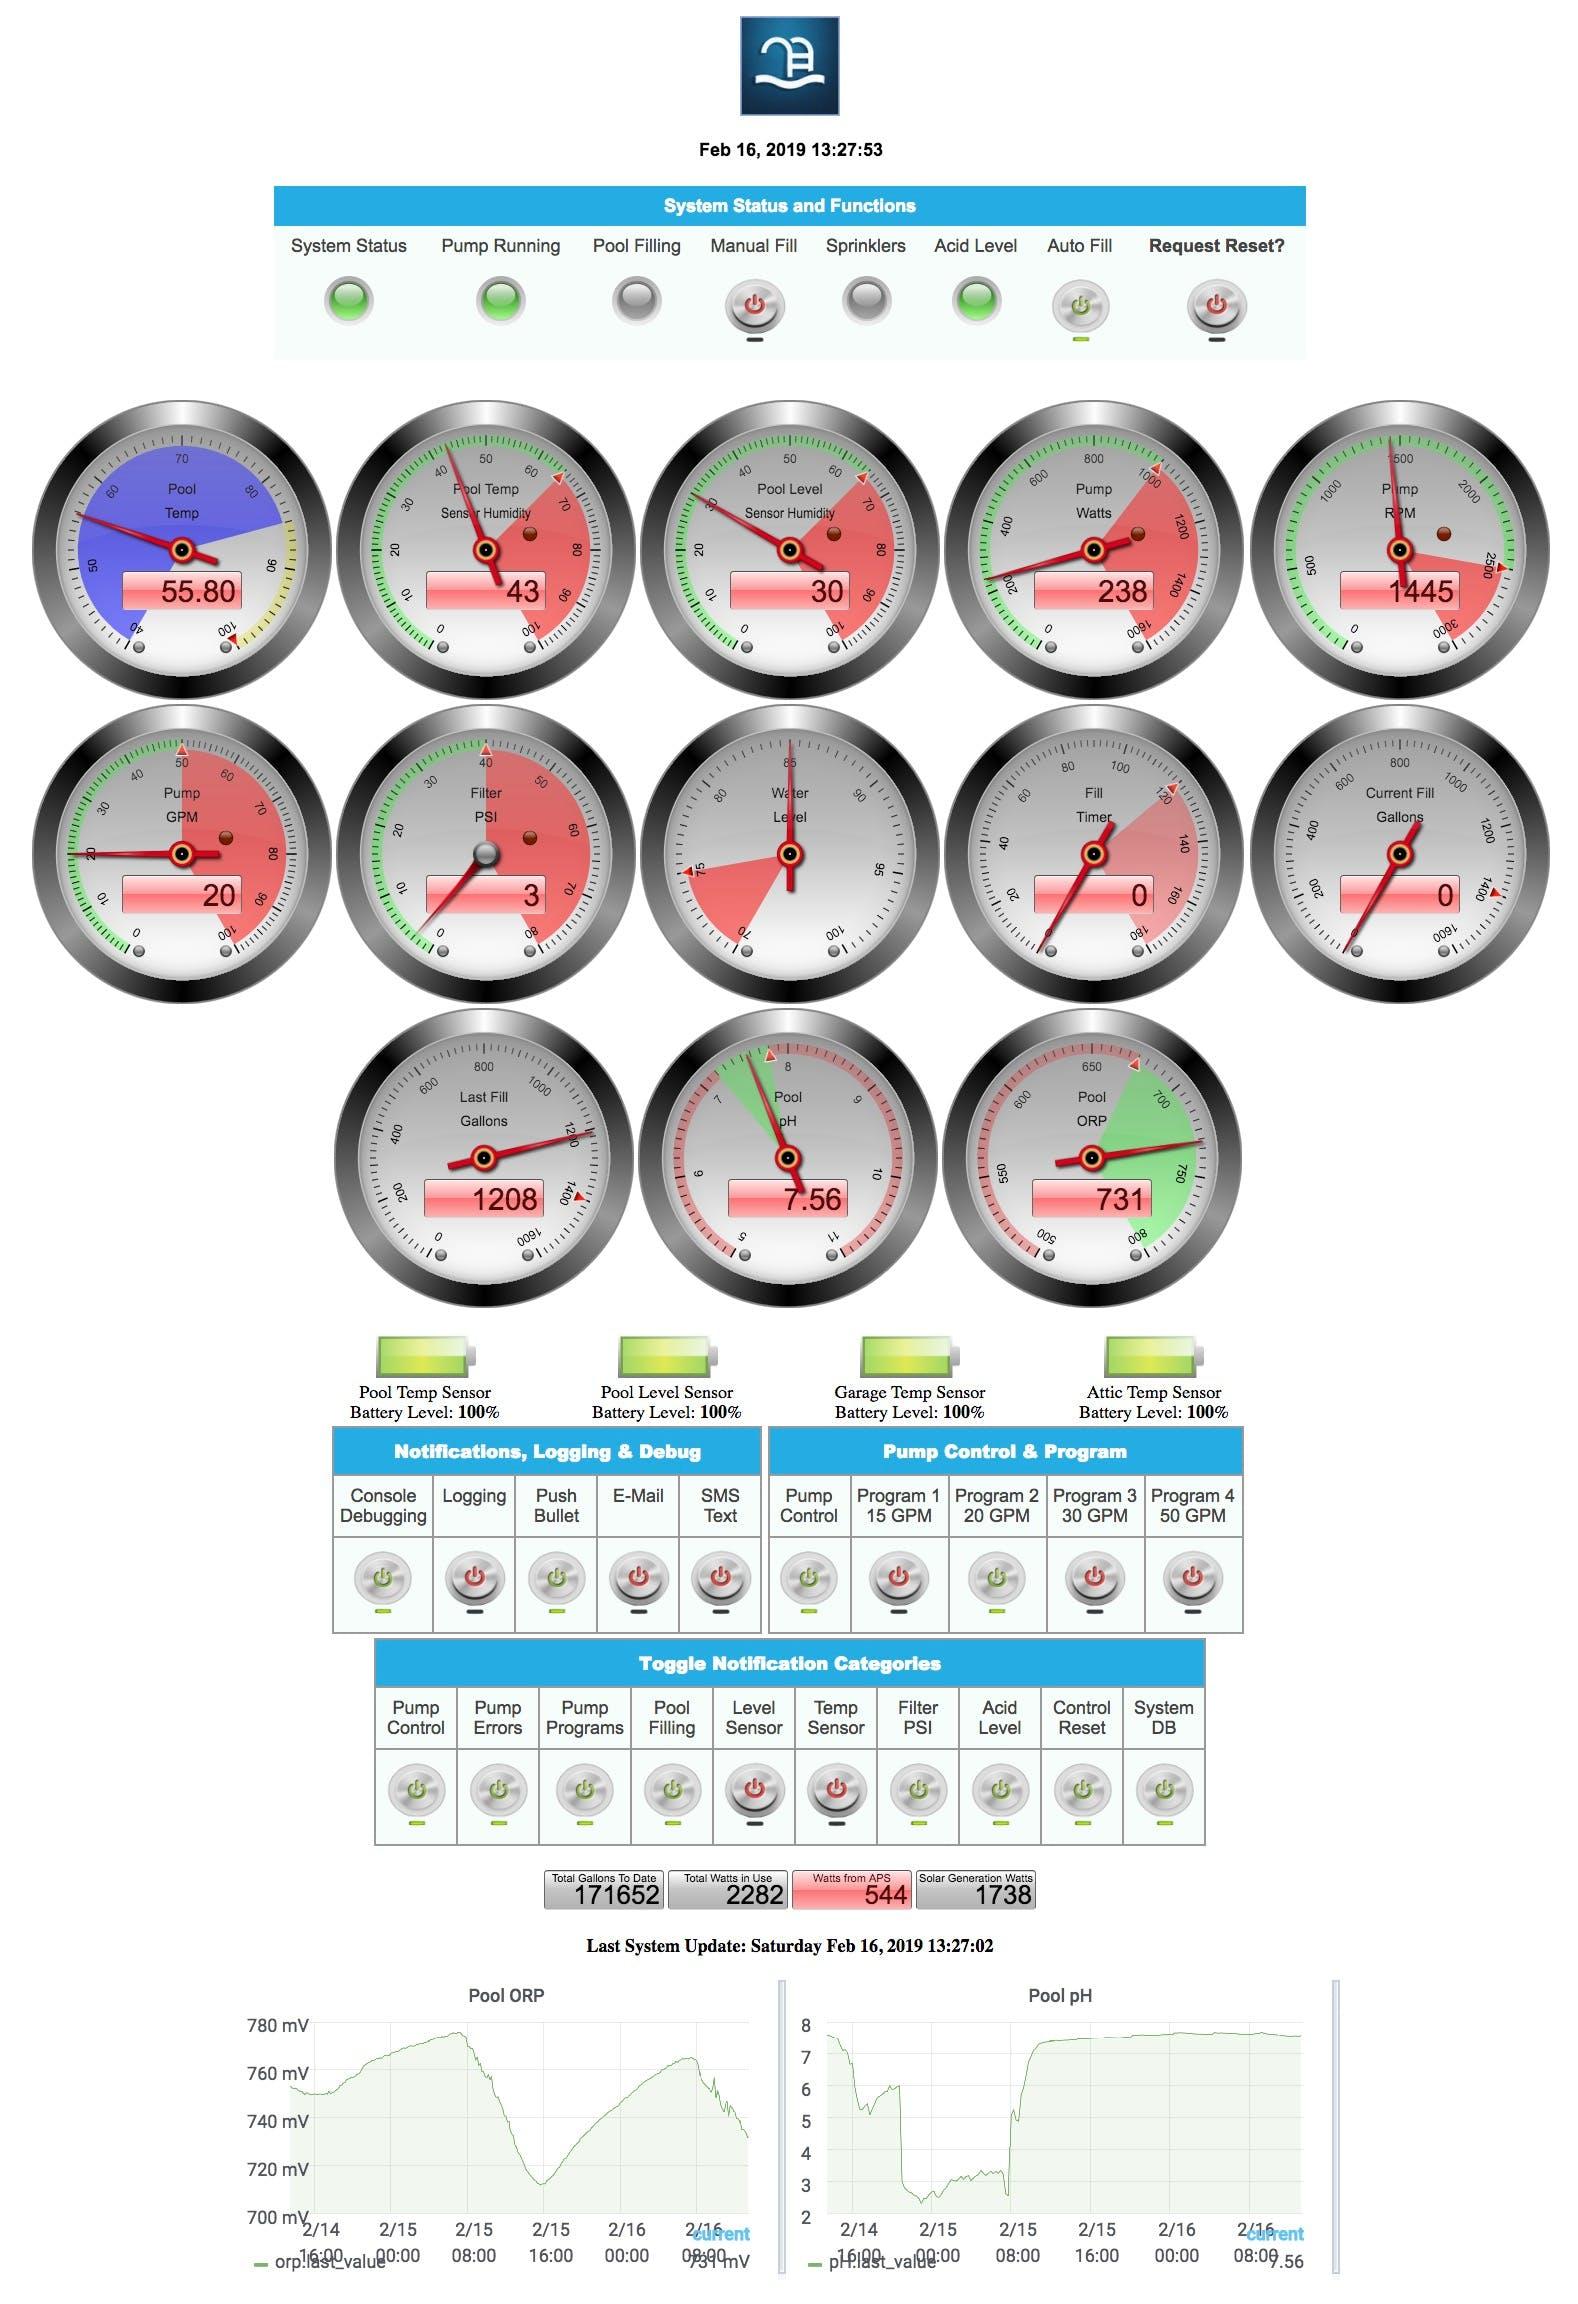 V3.5.0 Web Interface